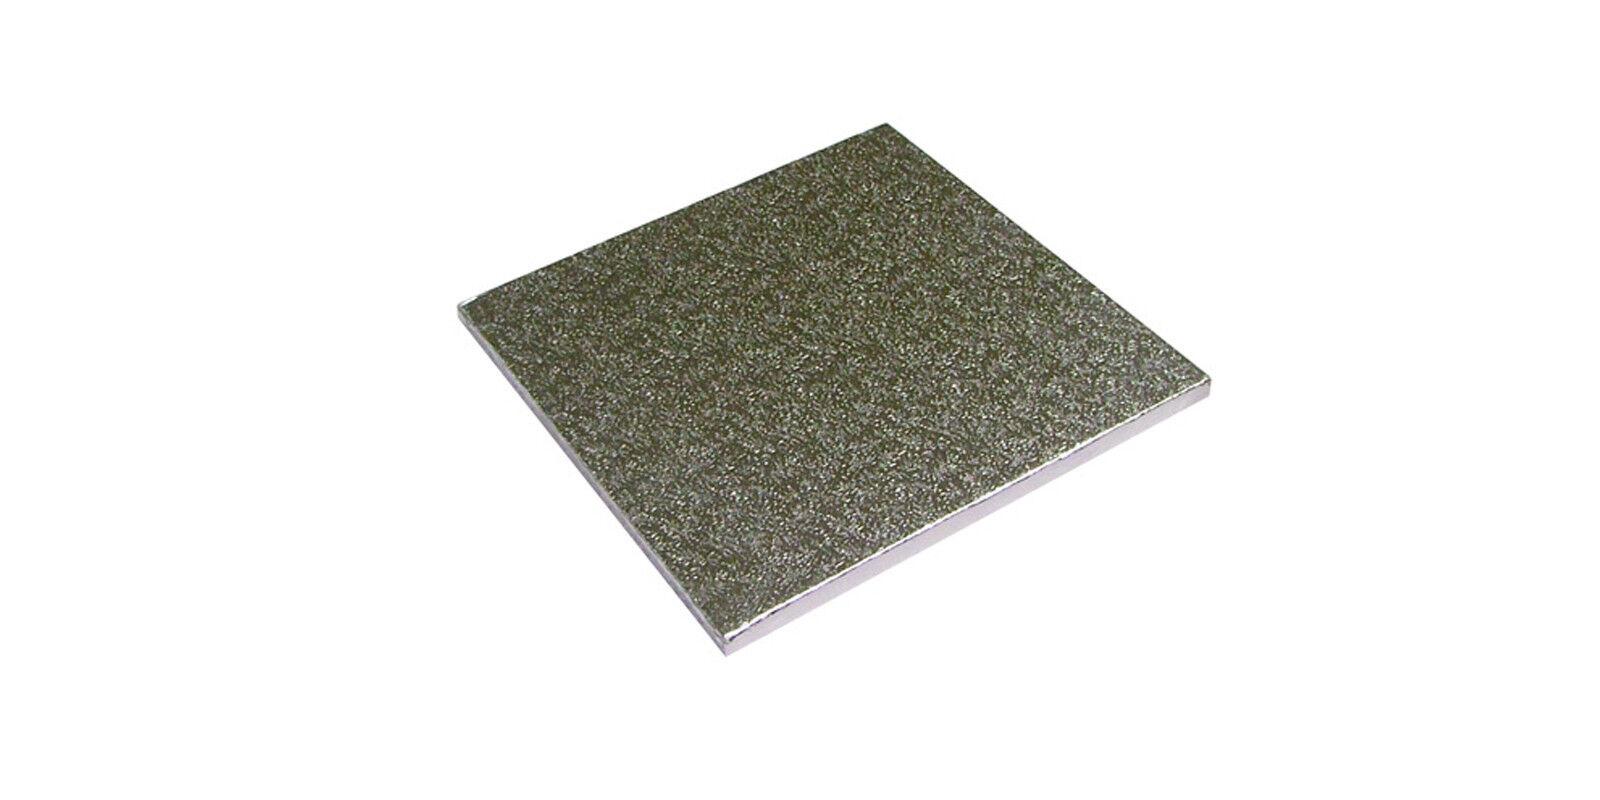 10 x 18  pollice quadrato torta Drum Board 1 2  spessore 12mm